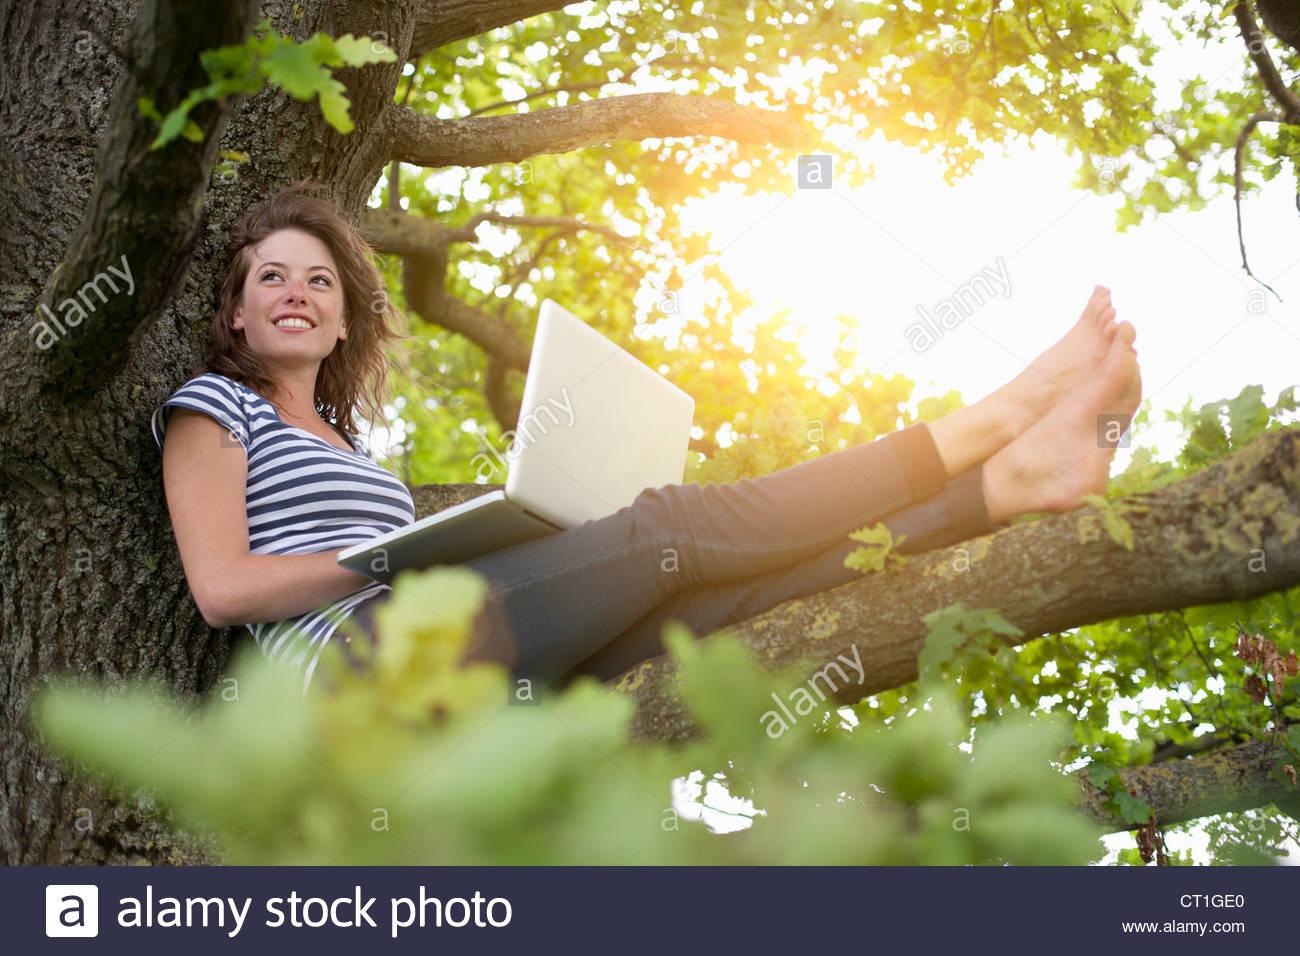 Lächelnde Frau mit Laptop in Baum Stockbild